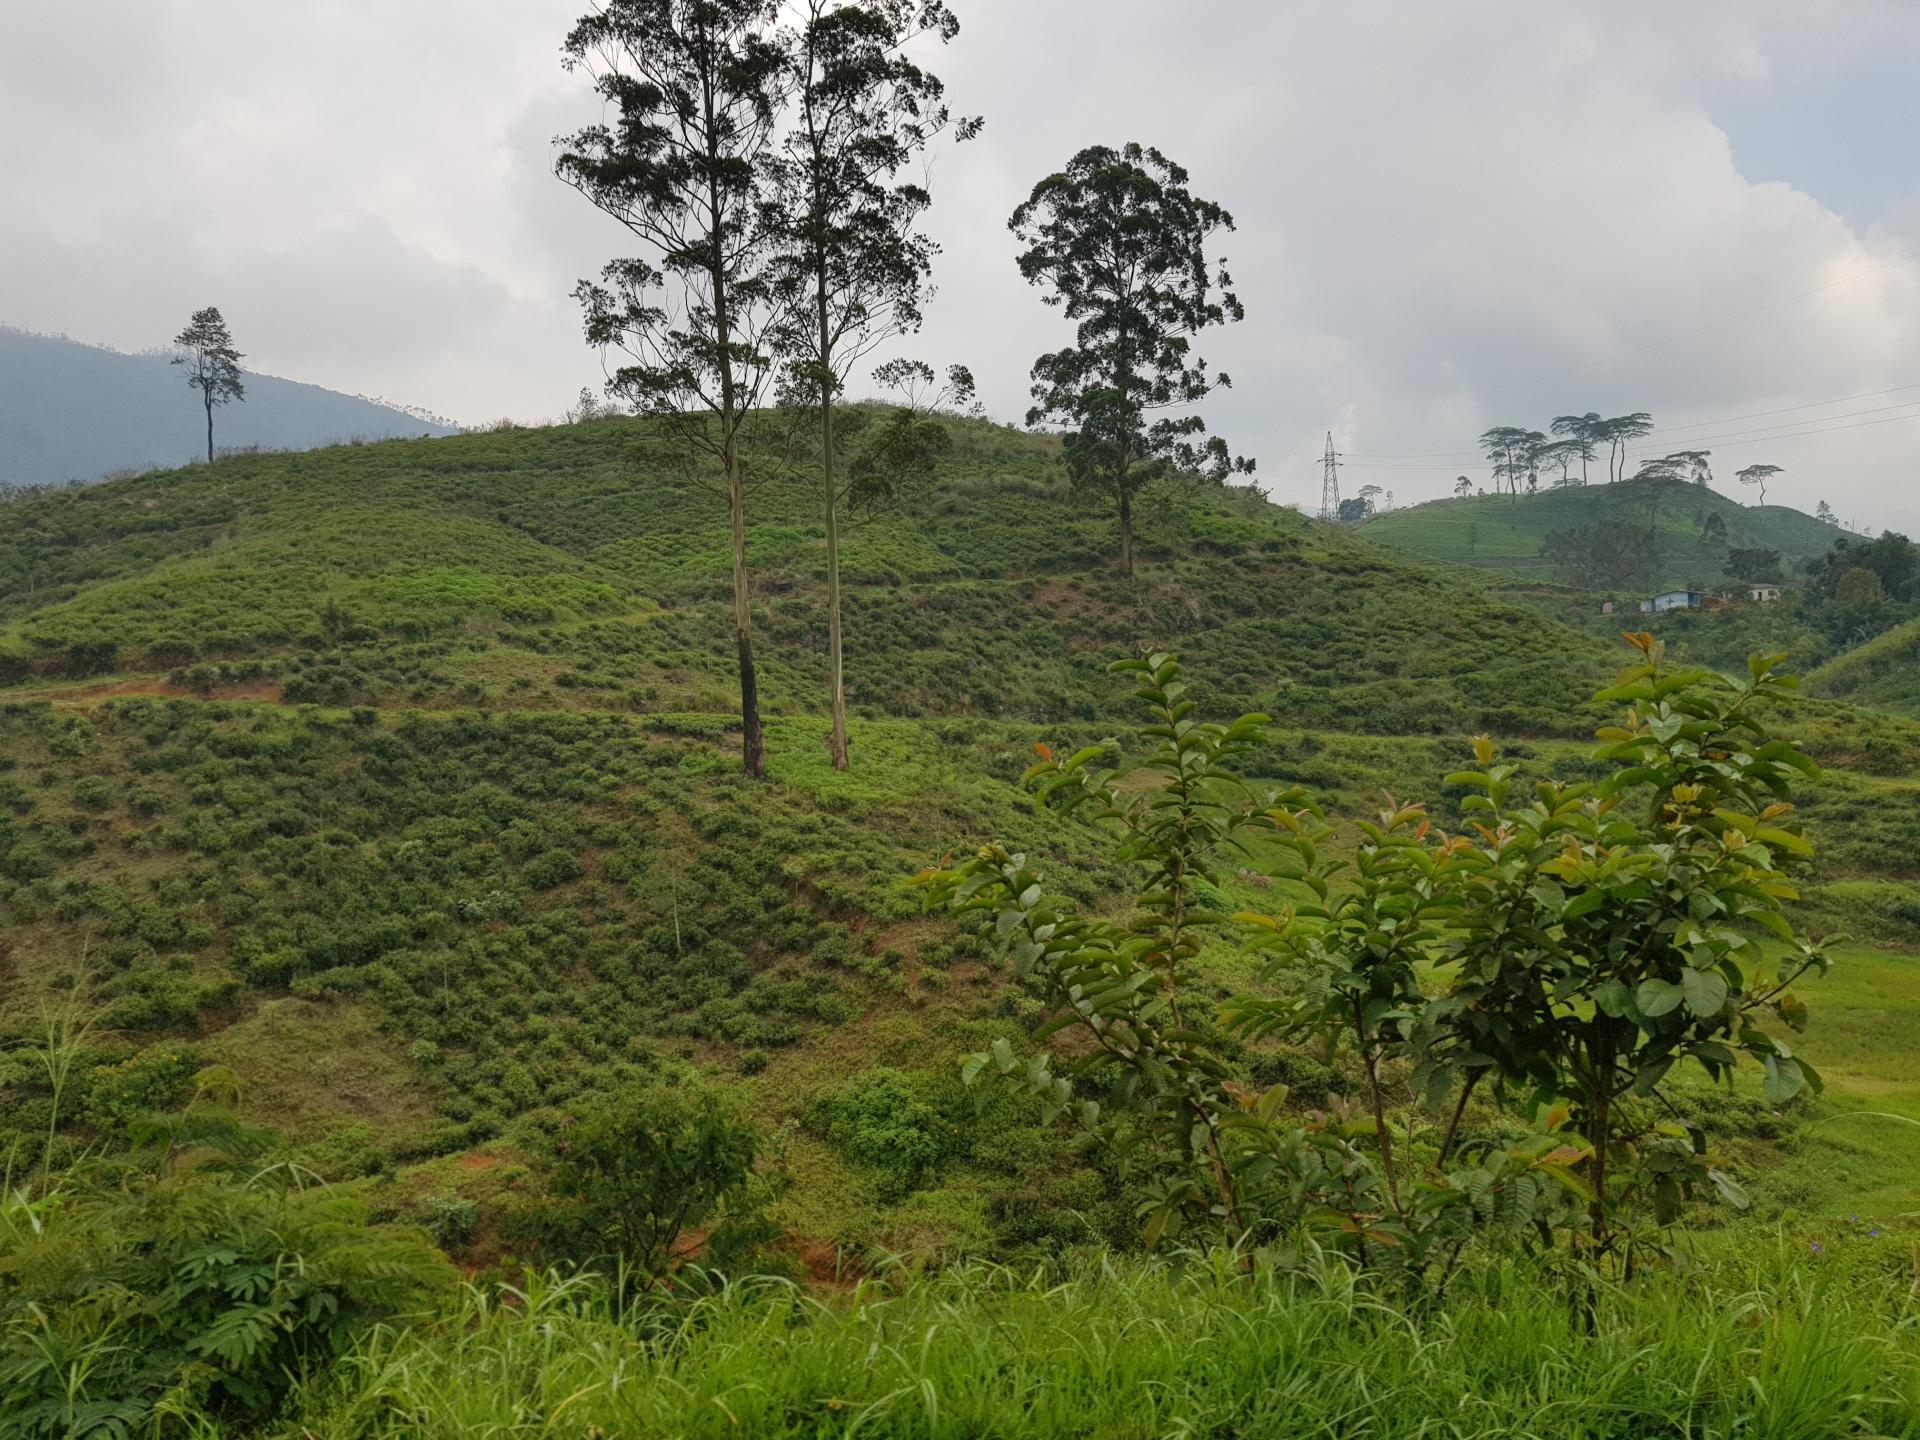 чайные плантации, Хаттон, Шри-Ланка